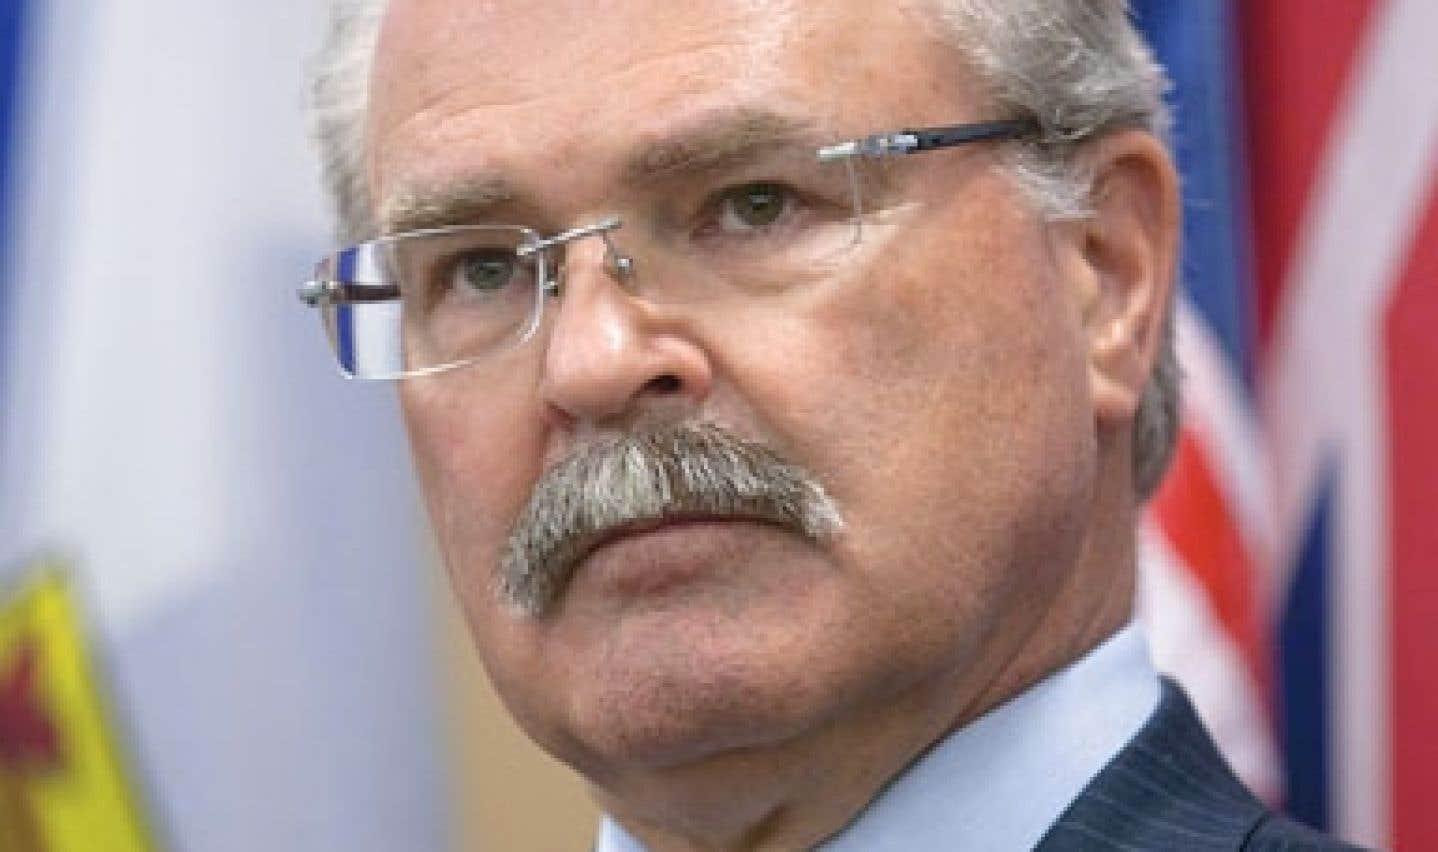 Boeuf contaminé - XL Foods s'excuse, mais pas Ottawa